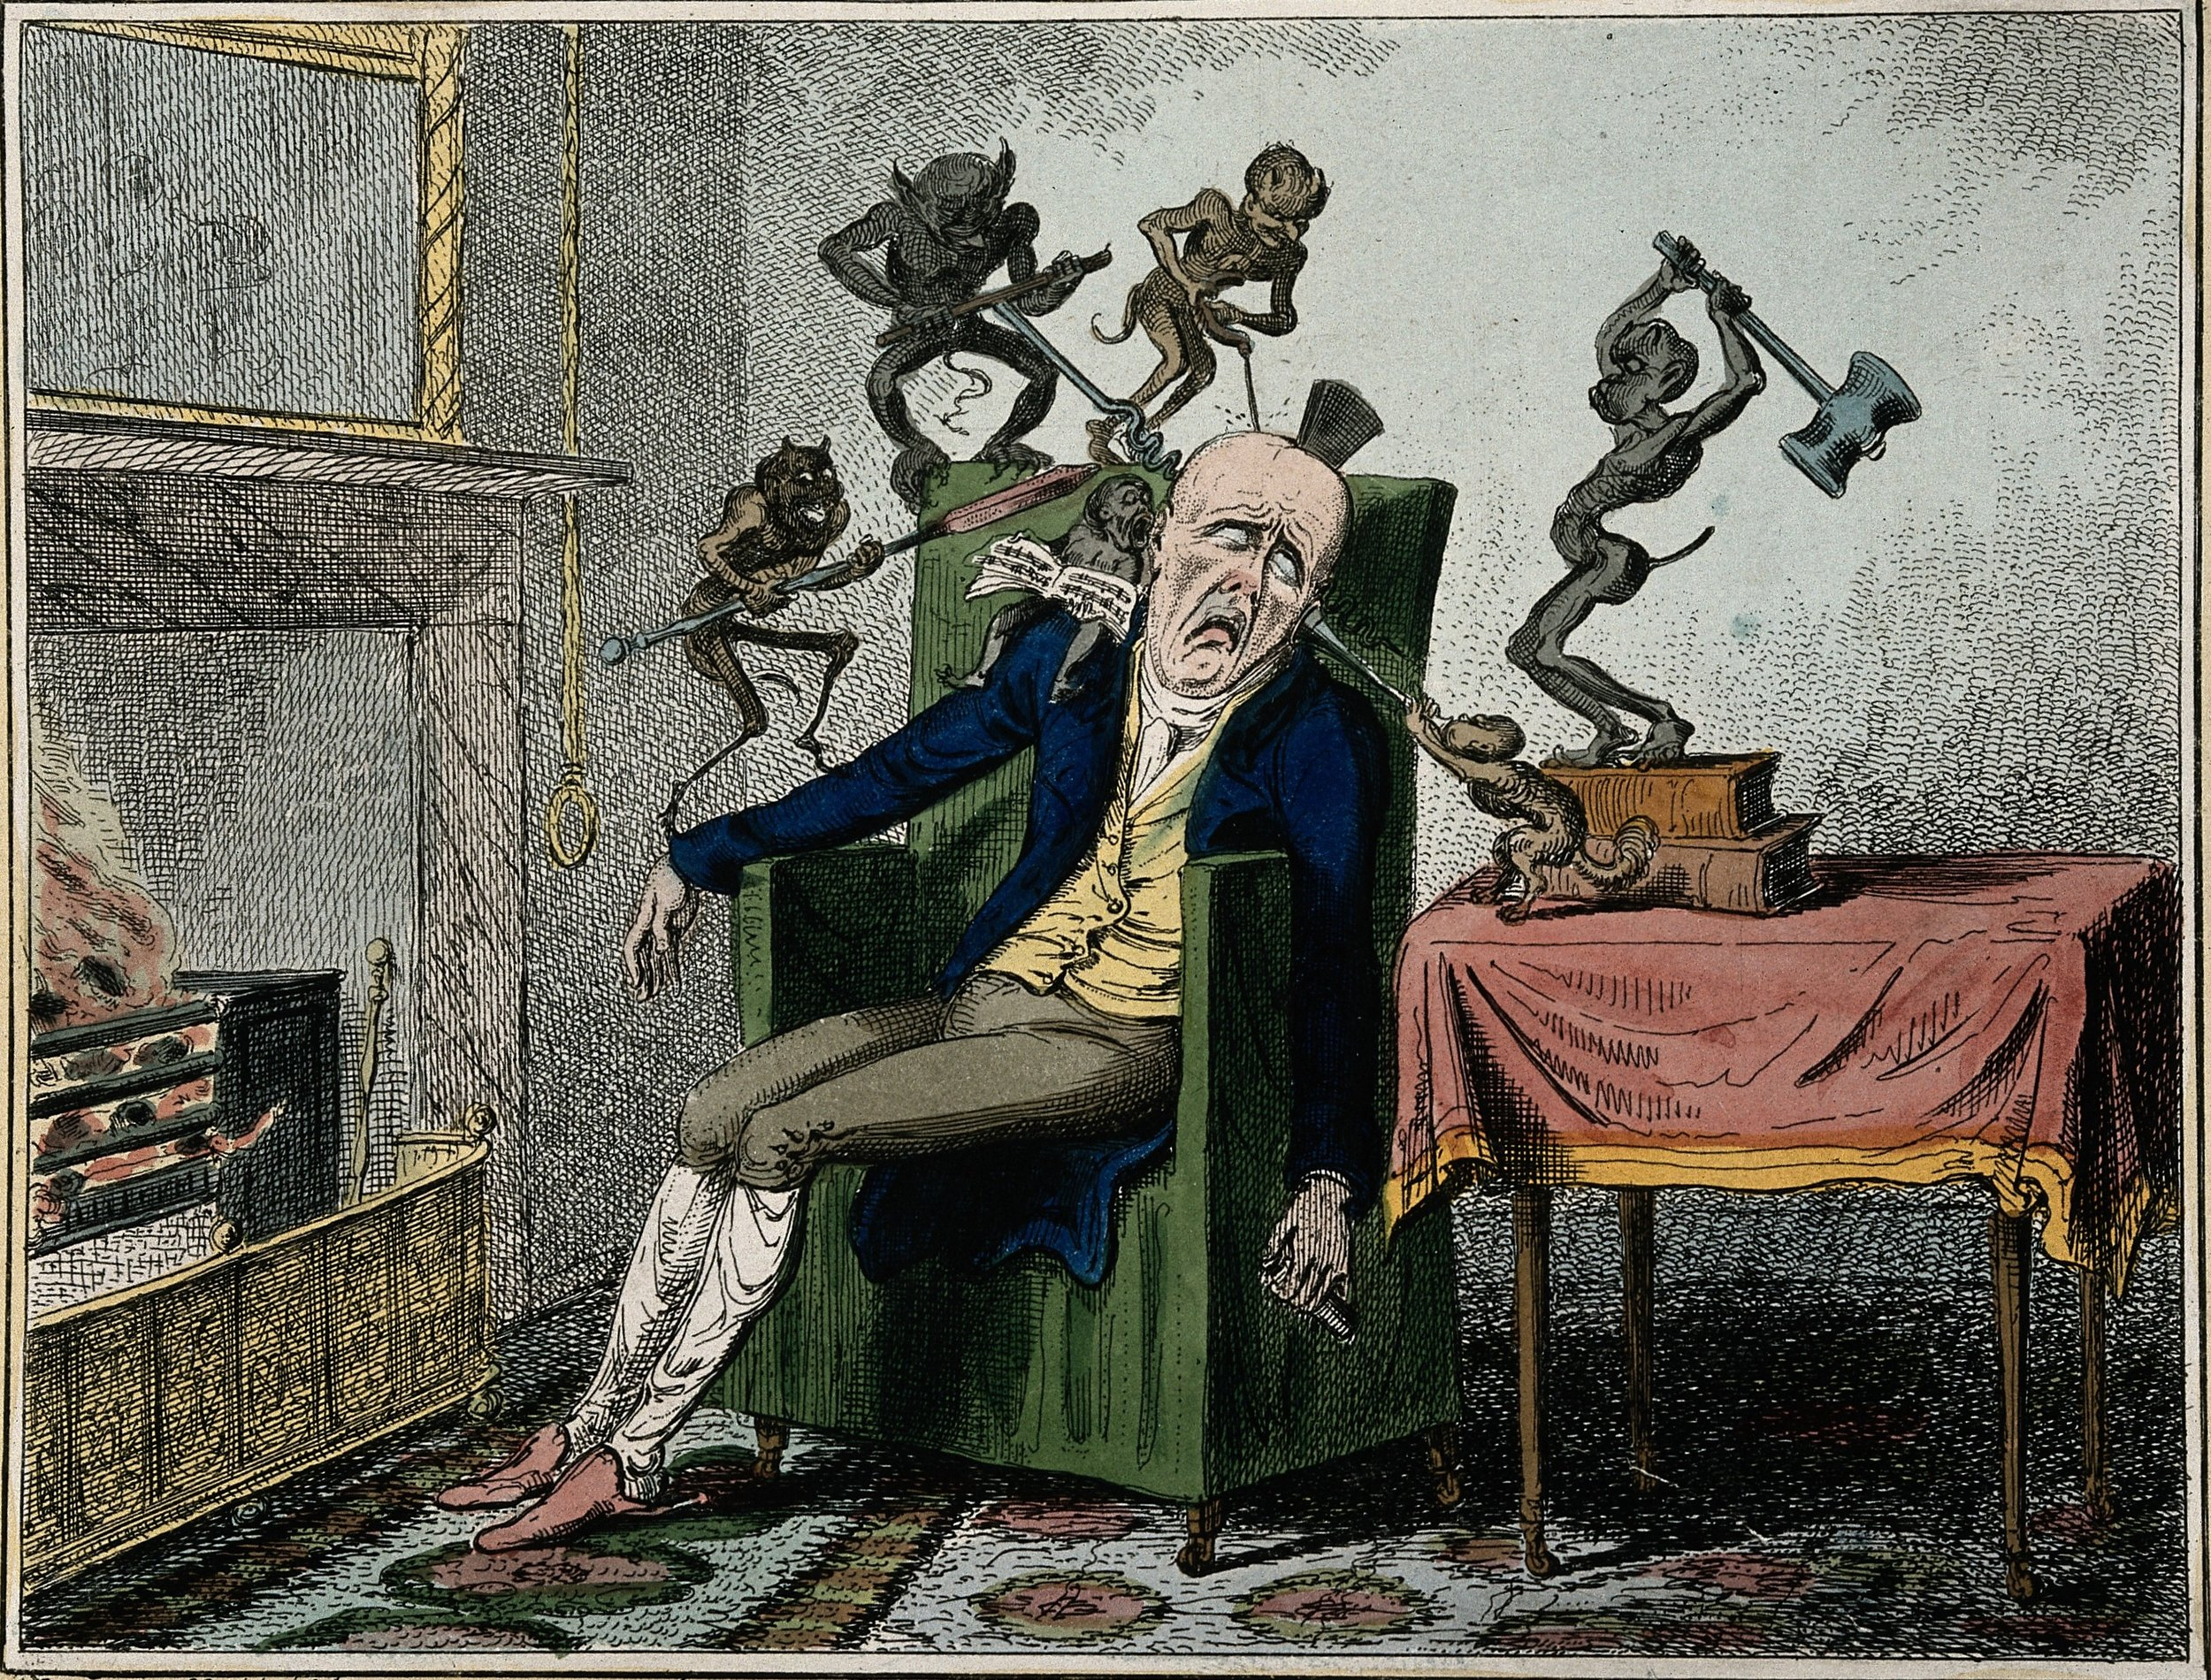 El dolor de cabeza, de George Cruikshank, 1819